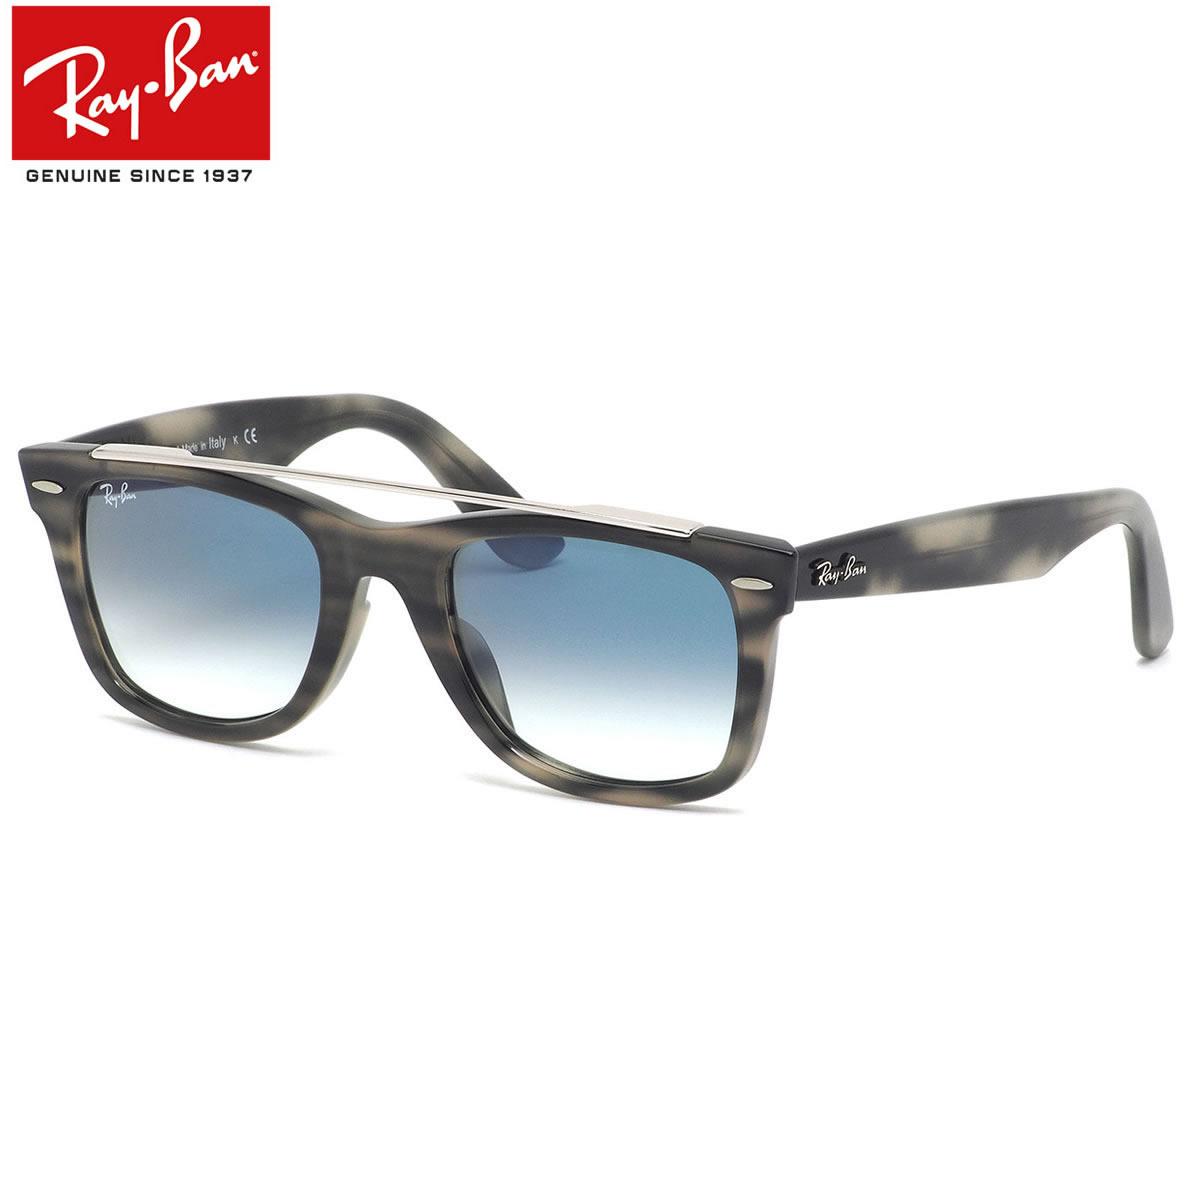 Ray-Ban レイバン サングラス RB4540F 64123F 52サイズ